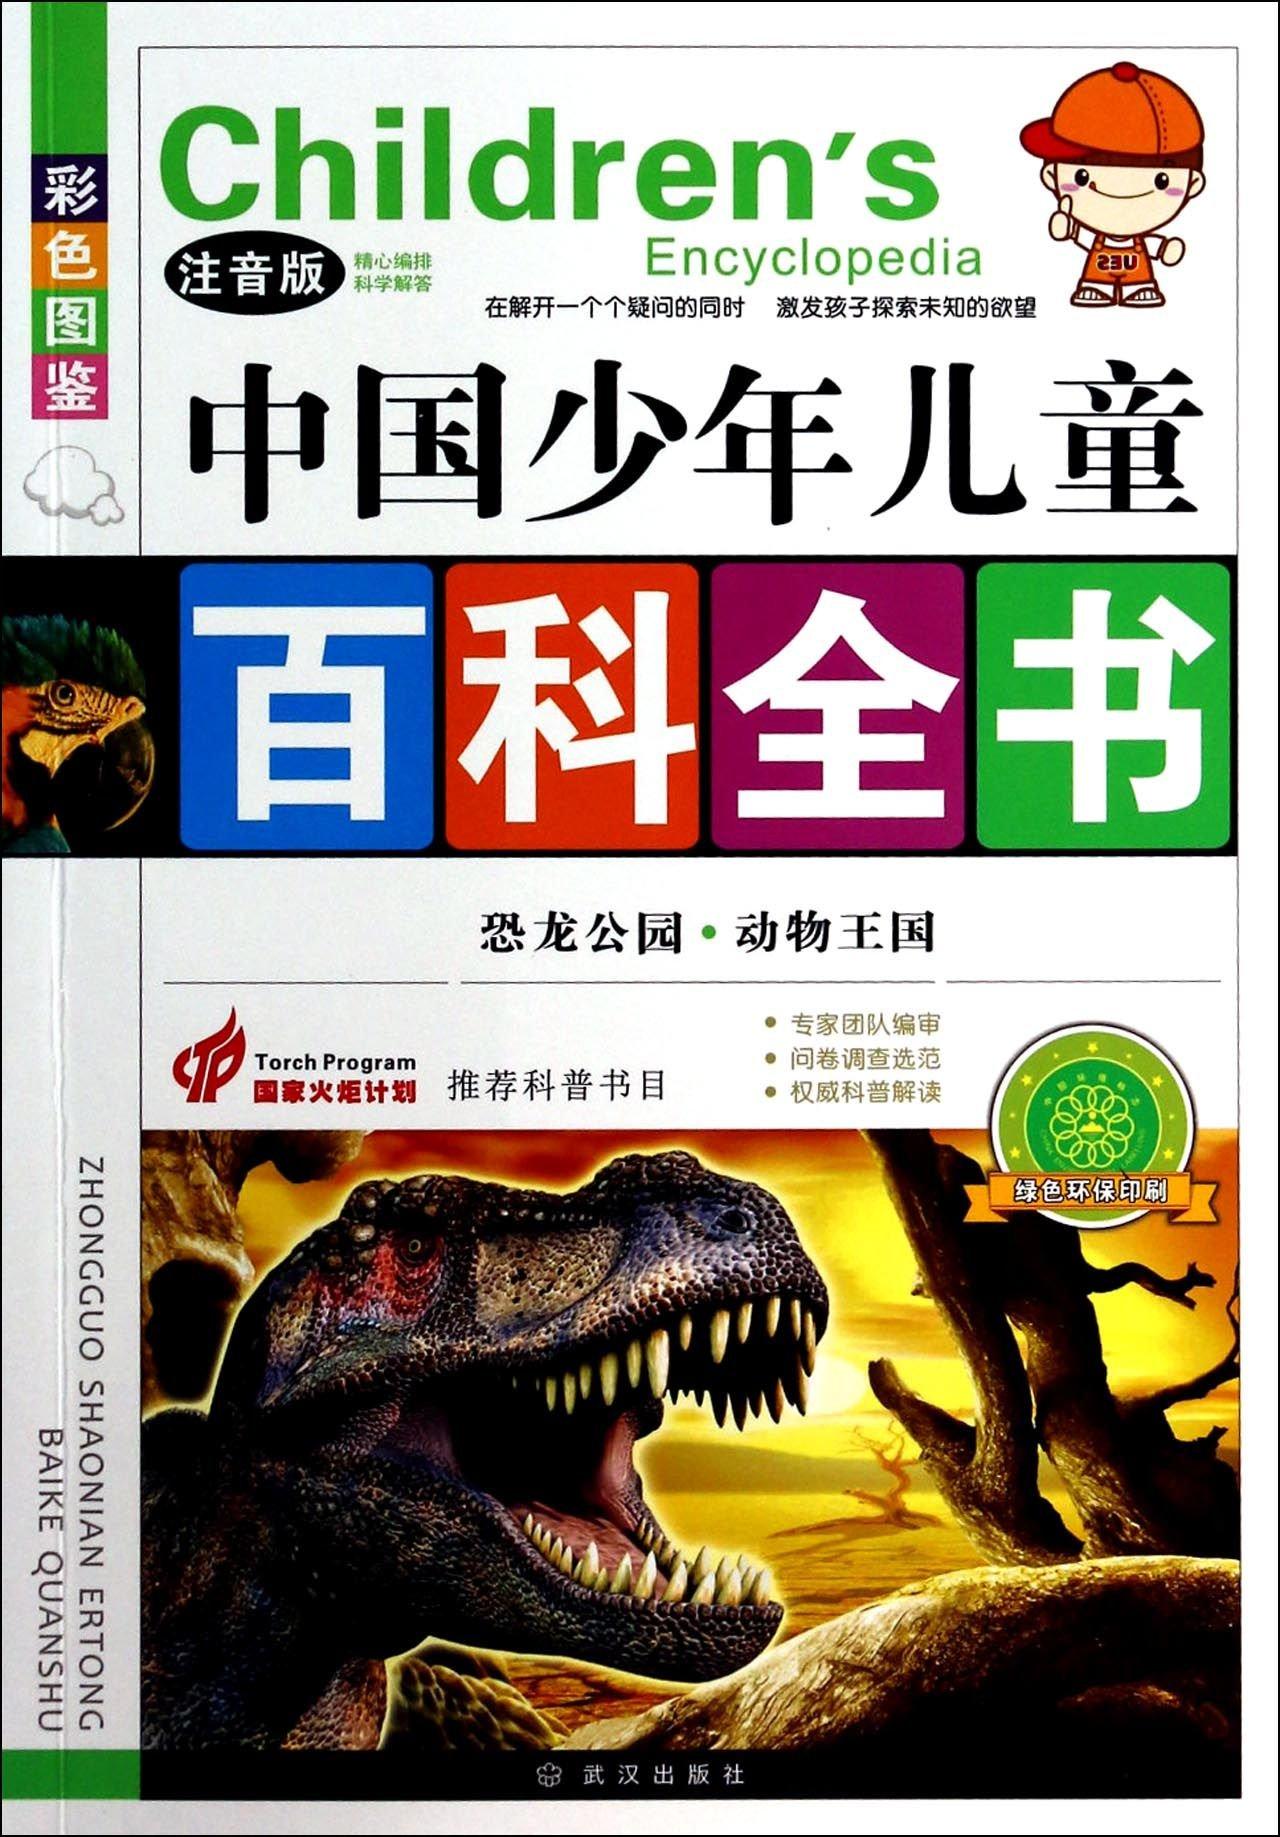 สารานุกรมจีนฉบับเยาวชน ตอนอาณาจักรไดโนเสาร์